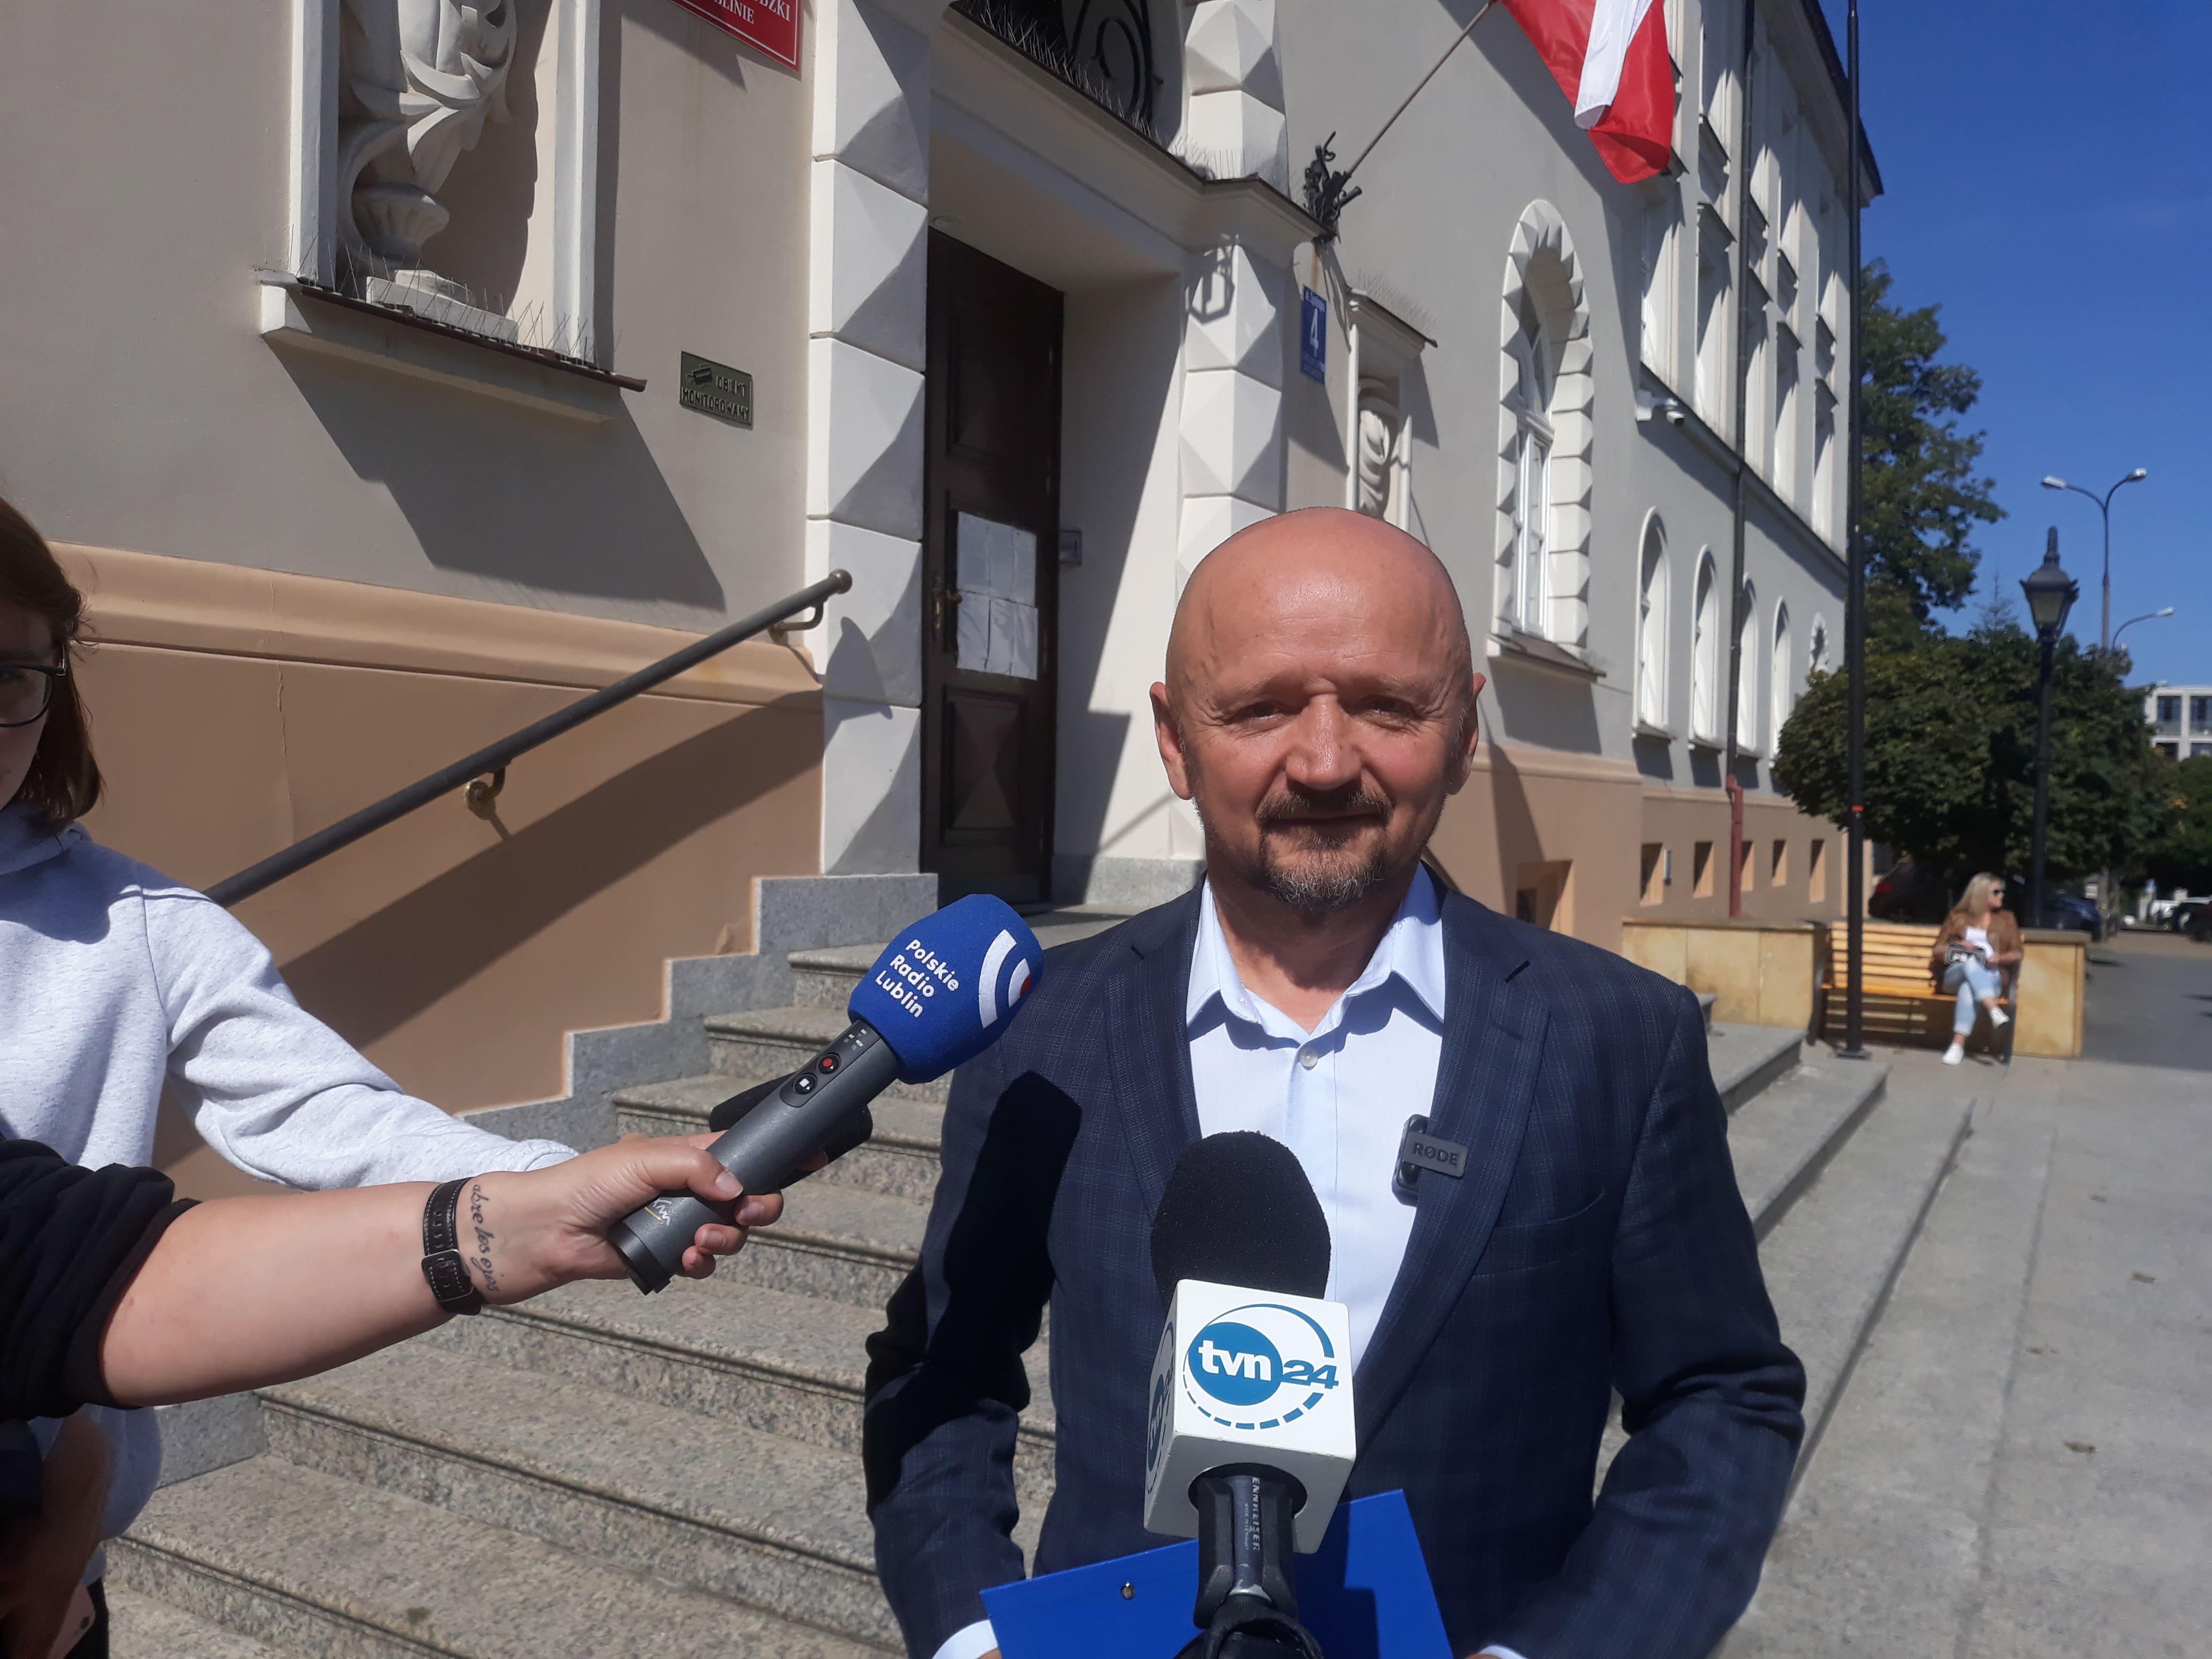 Województwo lubelskie: Stan wyjątkowy w powiecie wszedł w życie. Senator Jacek Bury: Ludzie poniosą przez to duże straty finansowe - Zdjęcie główne